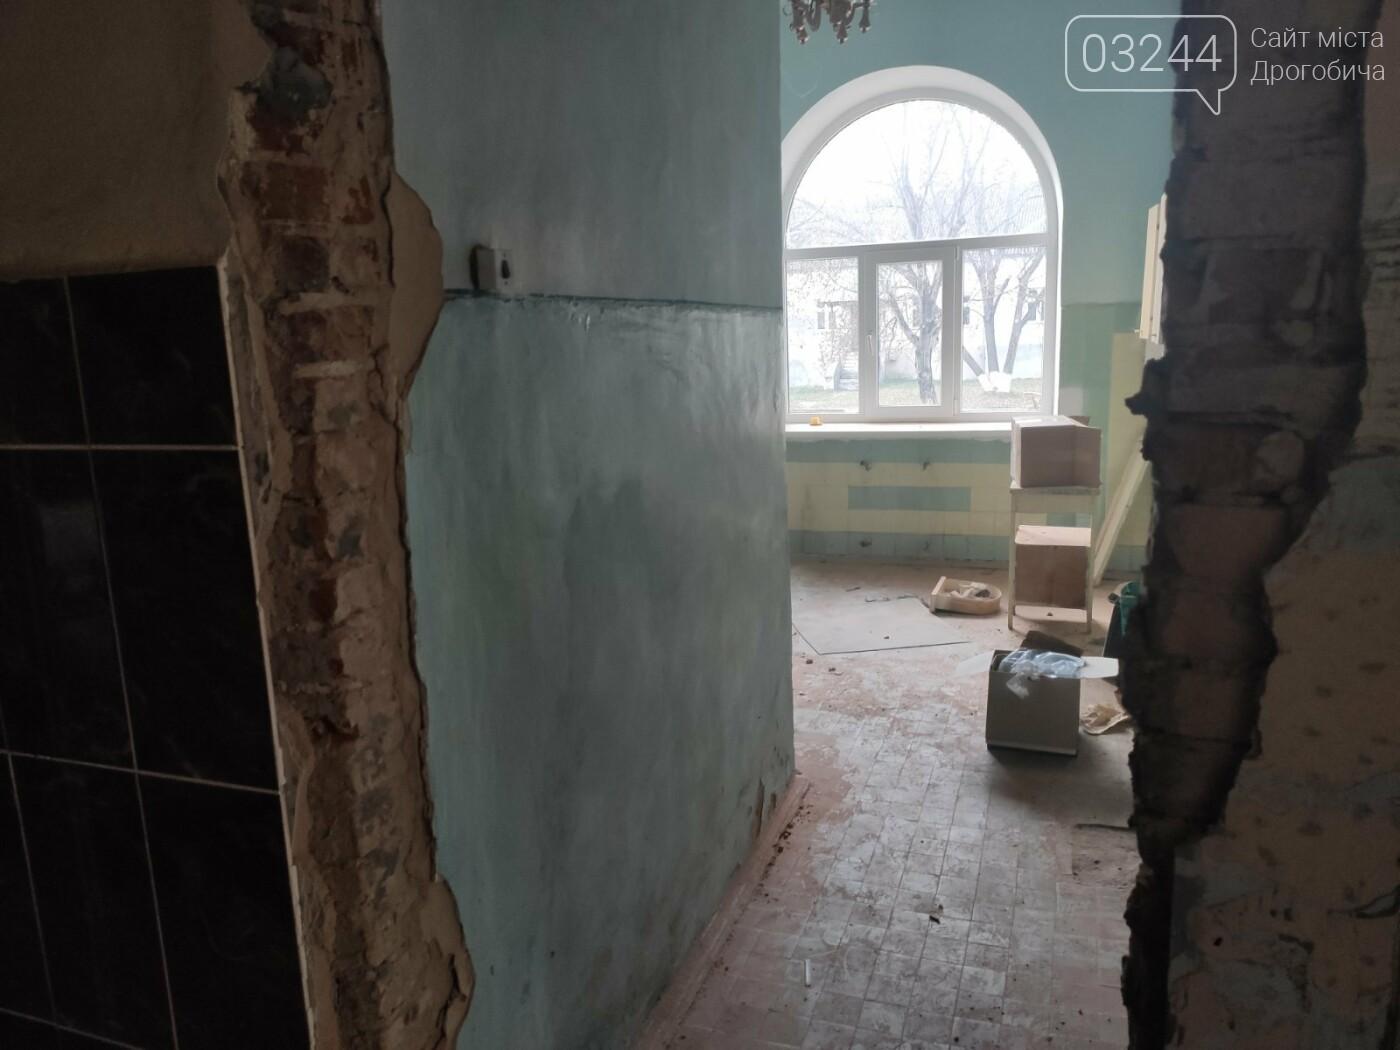 Дрогобицька міська лікарня №1 оновлює  приймальне відділення  – стартував капремонт приміщення  , фото-6